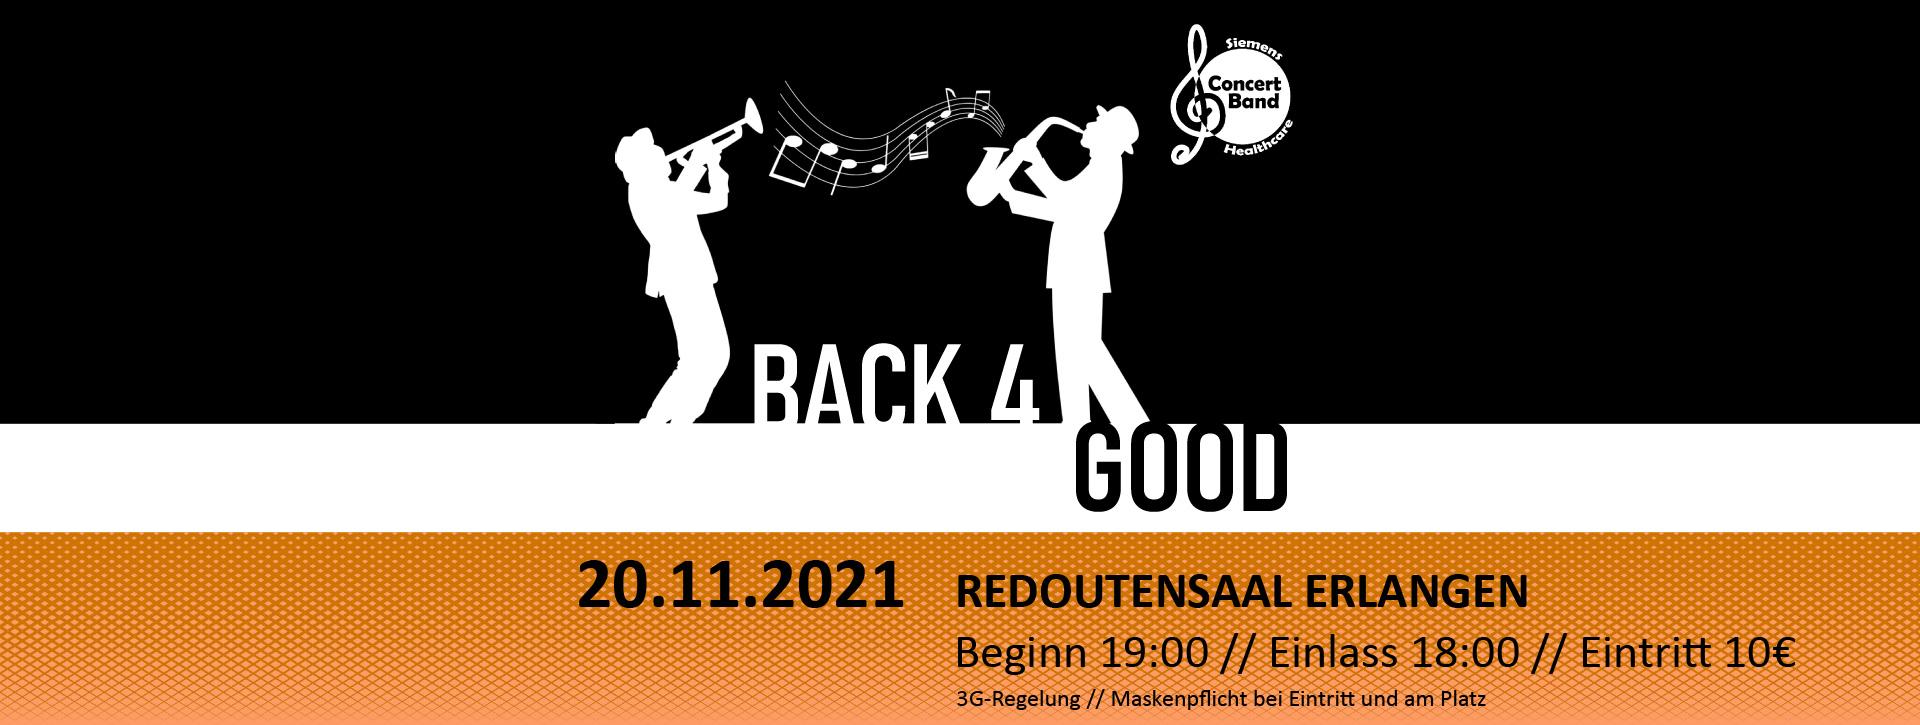 Jahreskonmzert 2021 - Back for Good - Redoutensaal